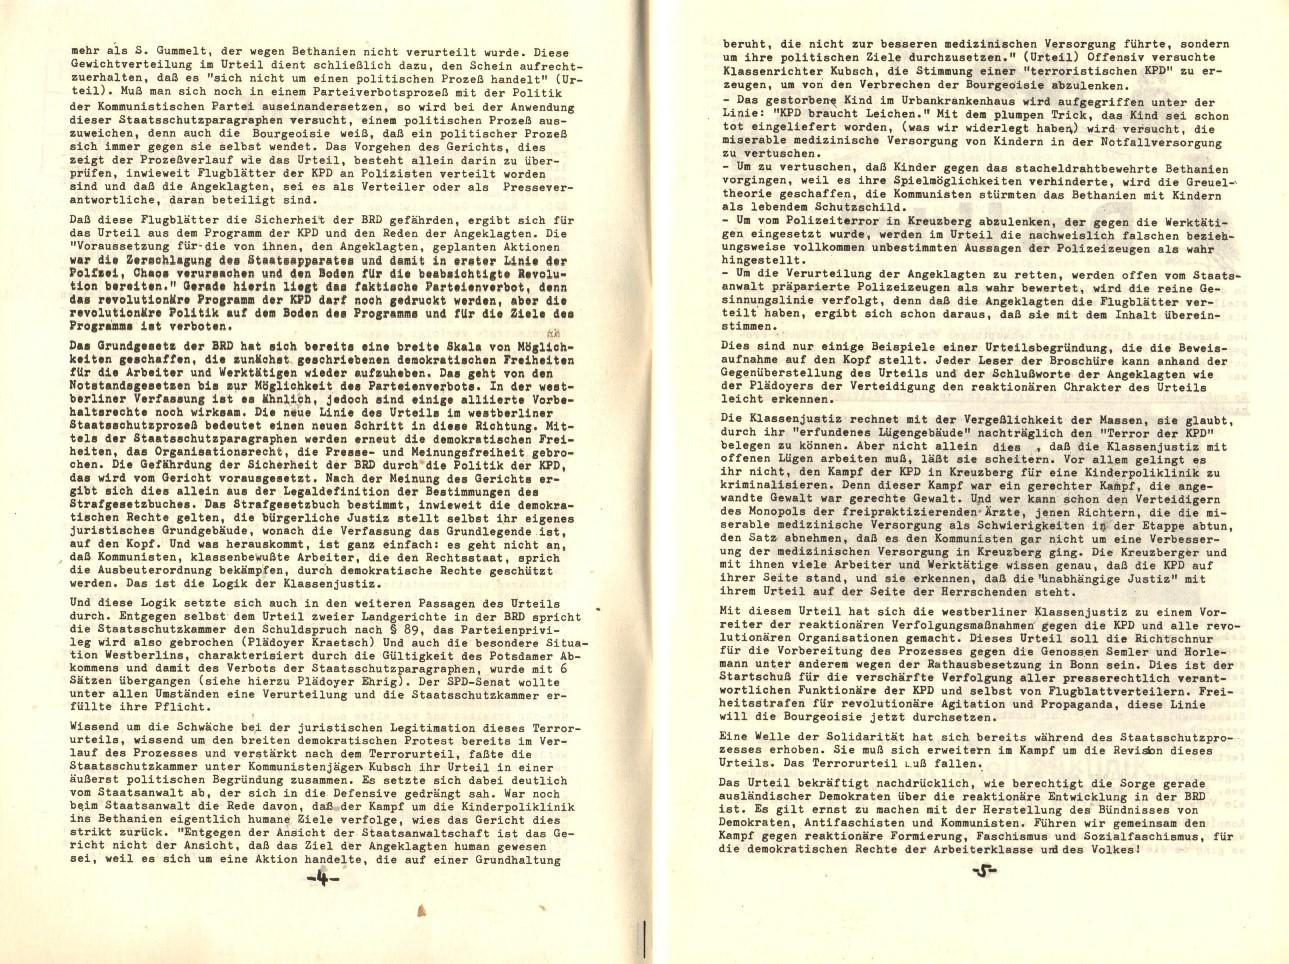 Berlin_KPD_1976_Staatsschutzprozess02_04